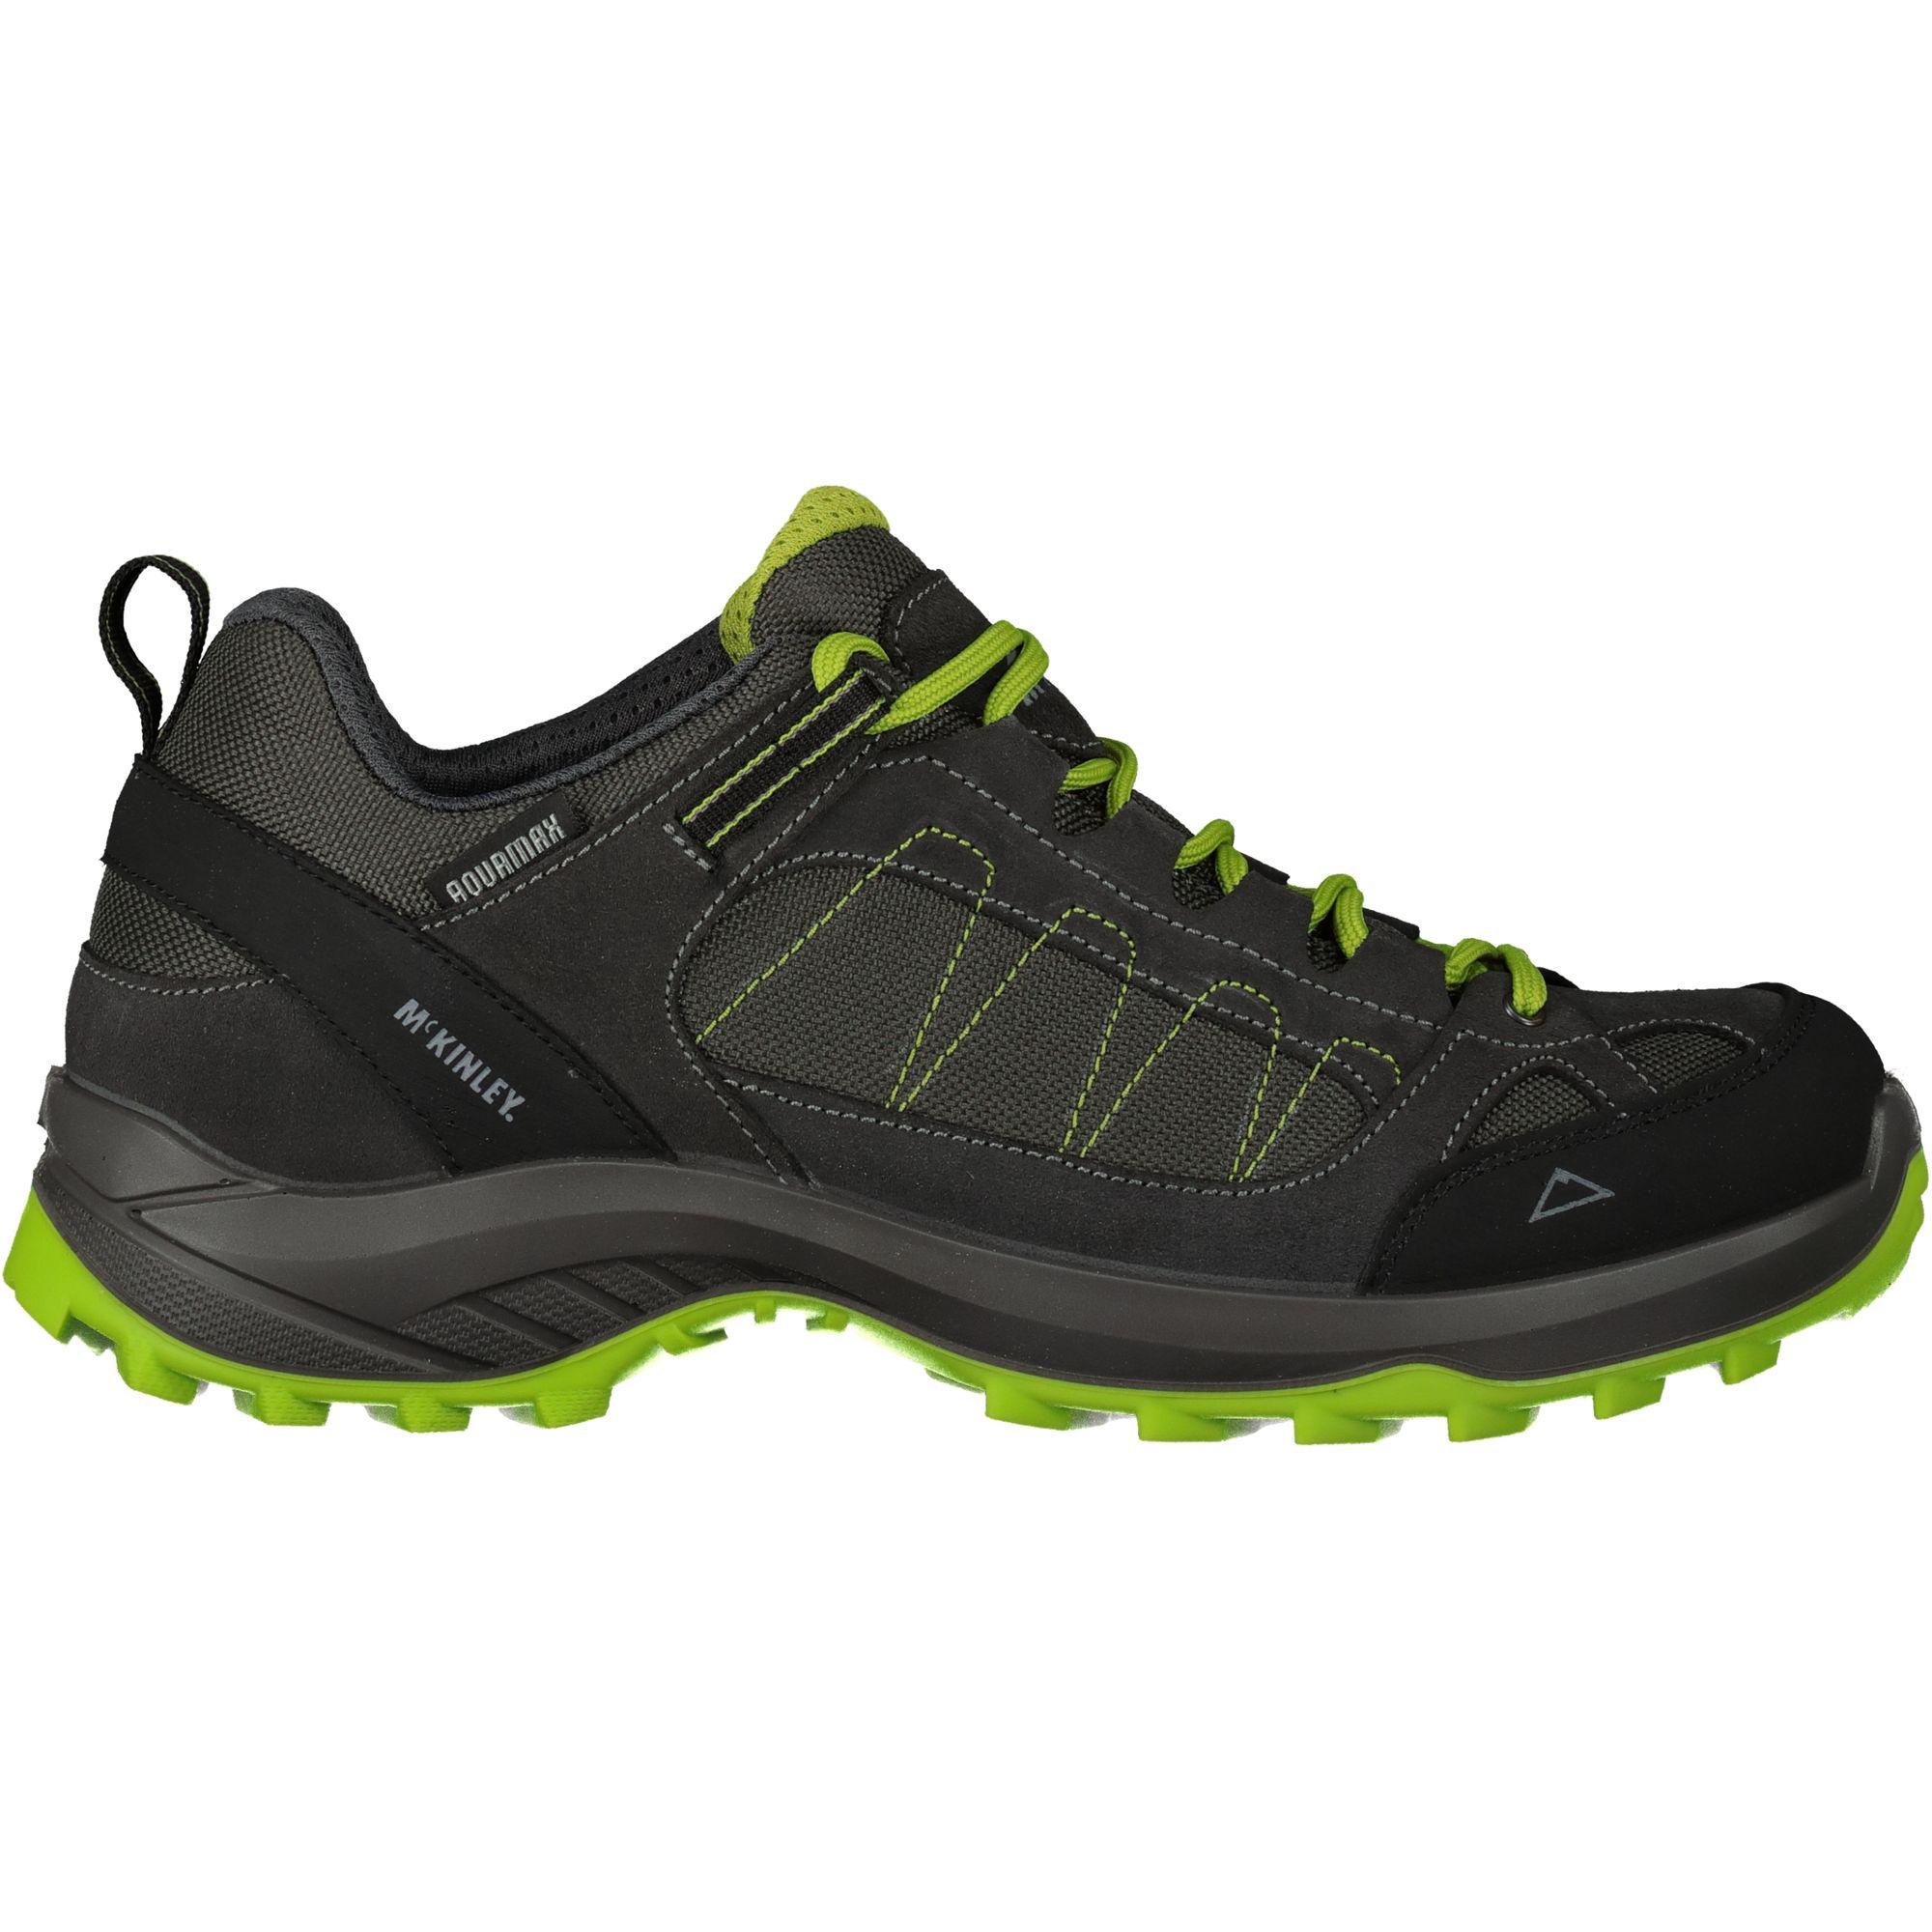 McKinley Travel Comfort AQX Herren Multifunktionsschuh Schuhe Men Schuhe Freizeitschuhe